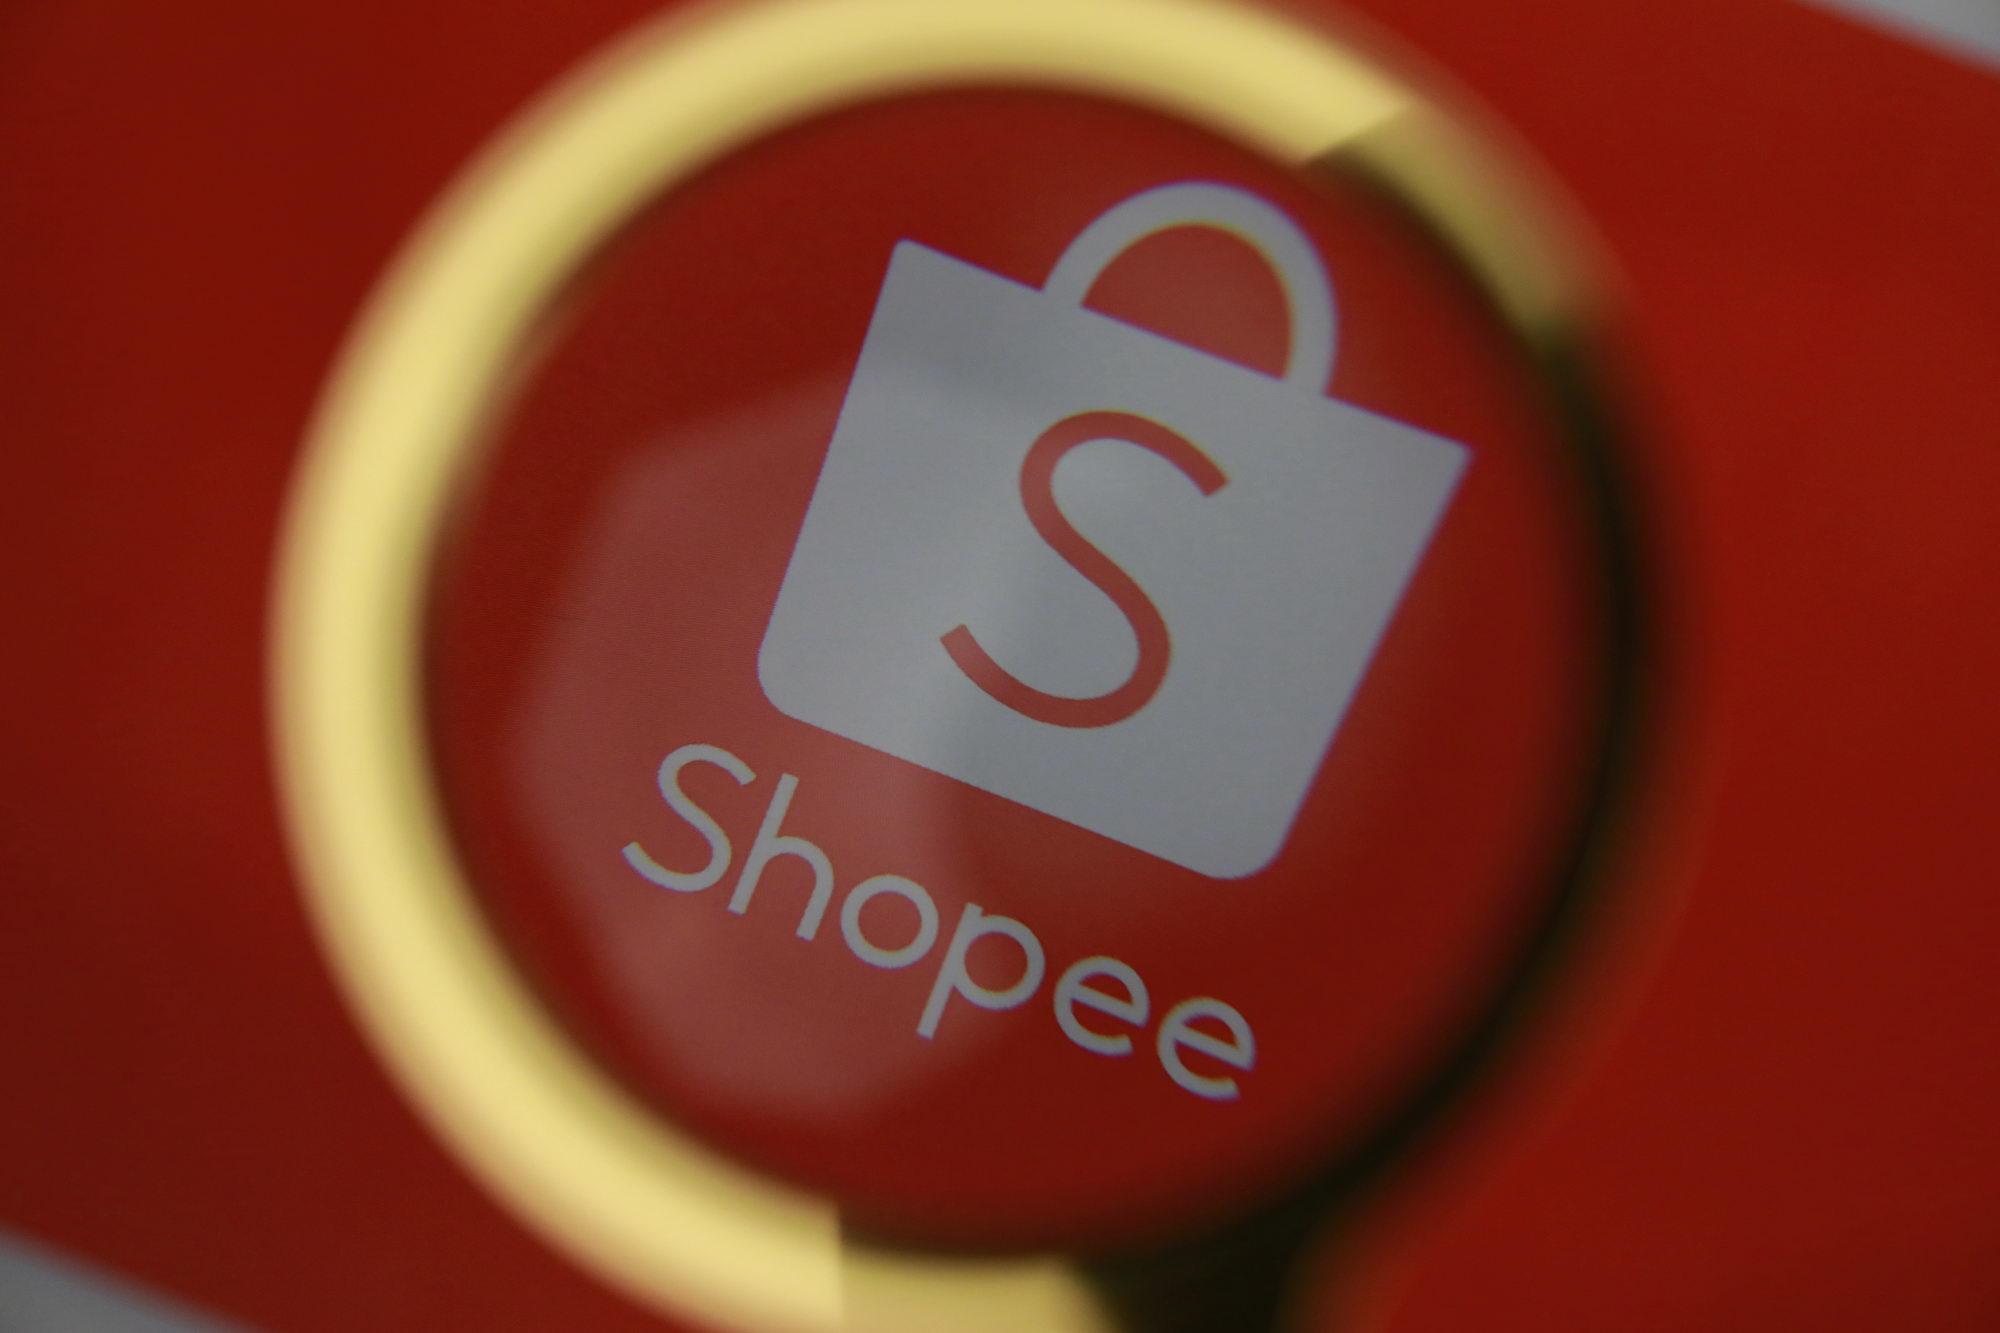 Shopee与凯德集团构成合作 ,开启双十一广告活动